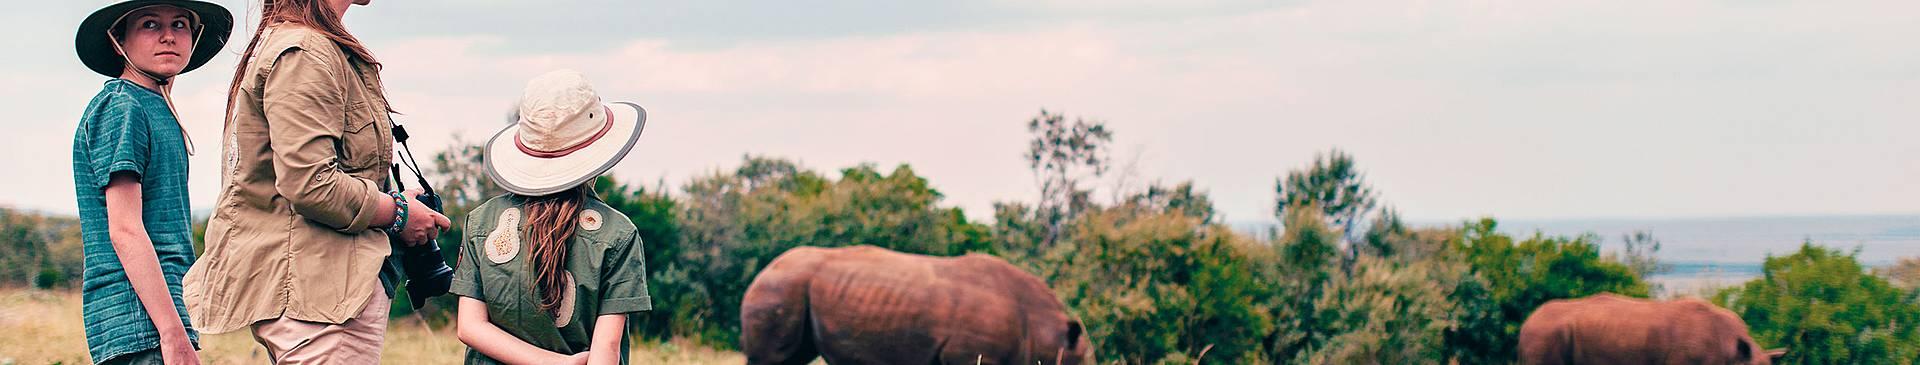 Viaggio in famiglia in Tanzania